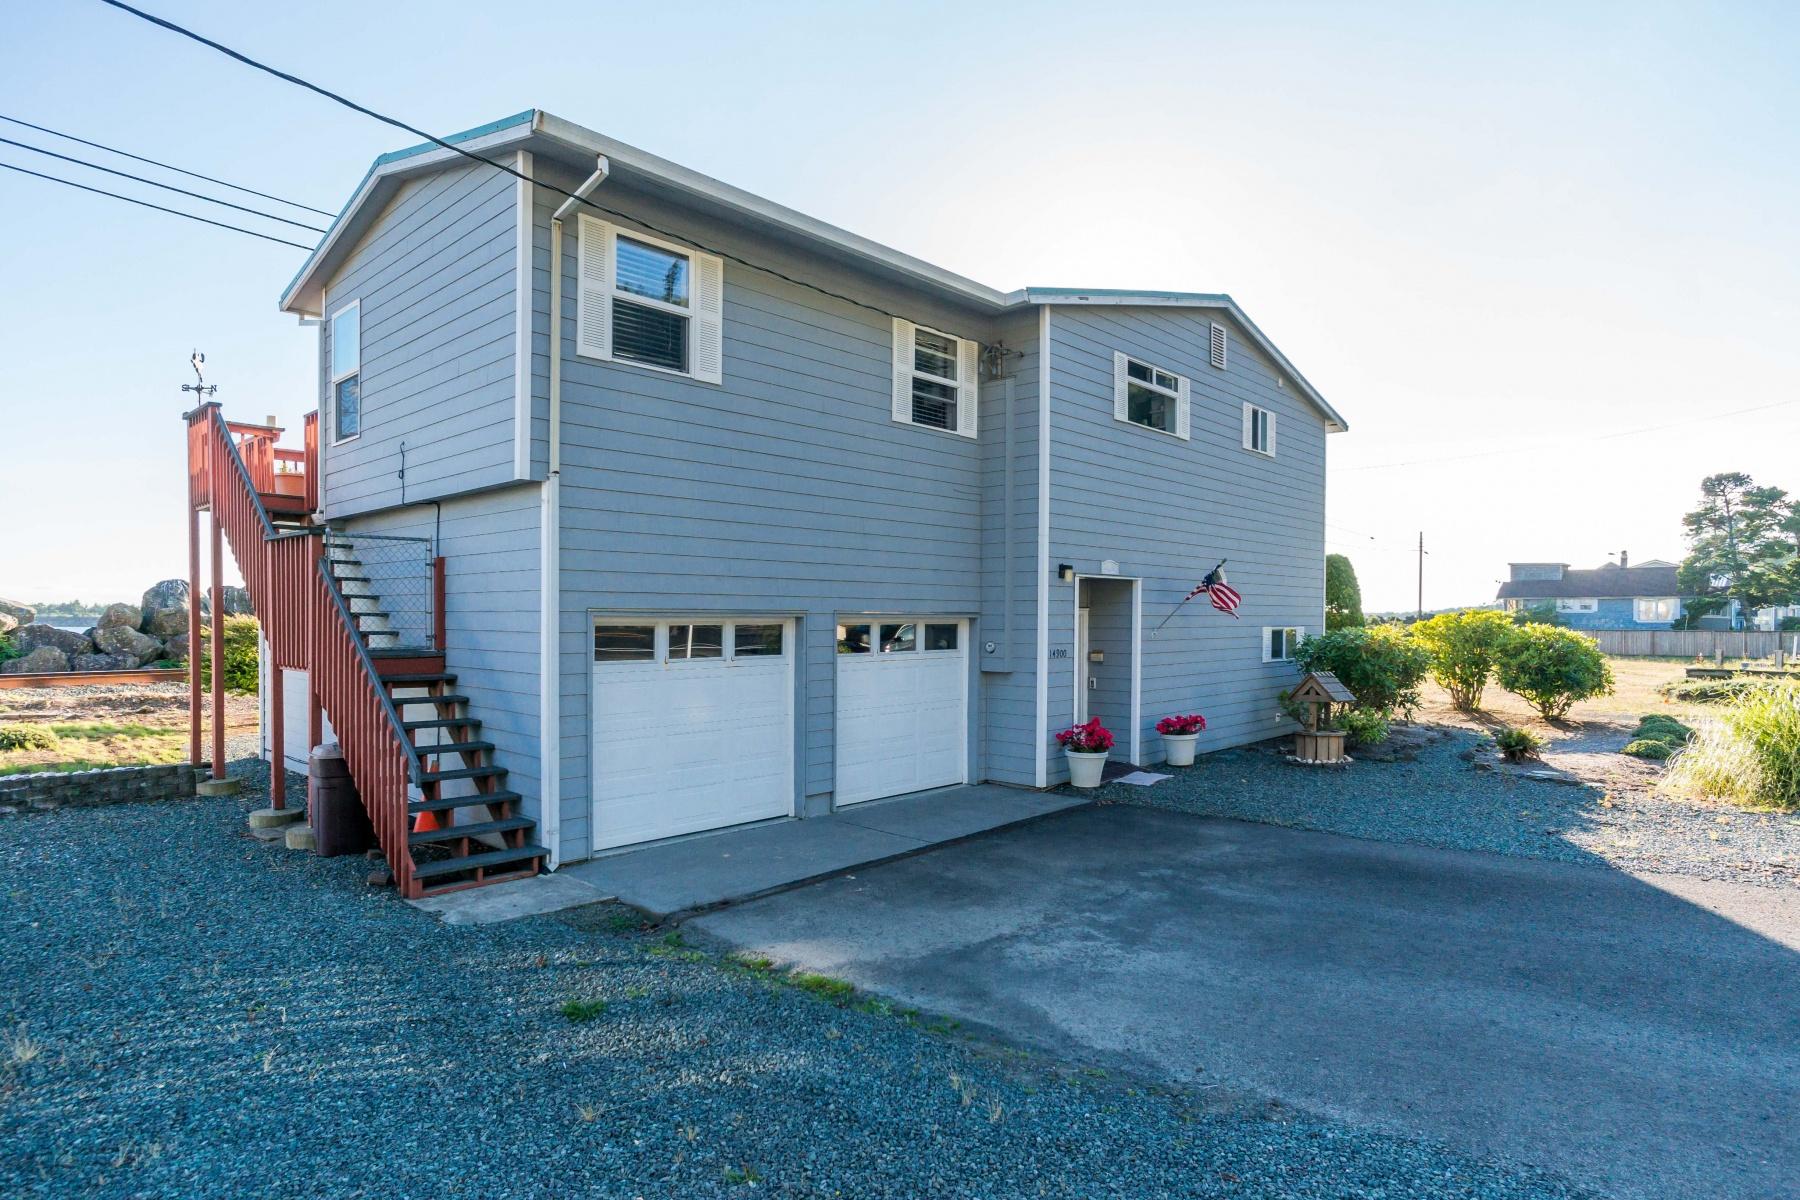 Single Family Home for Sale at 14900 N HWY 101, ROCKAWAY BEACH Rockaway Beach, Oregon, 97136 United States